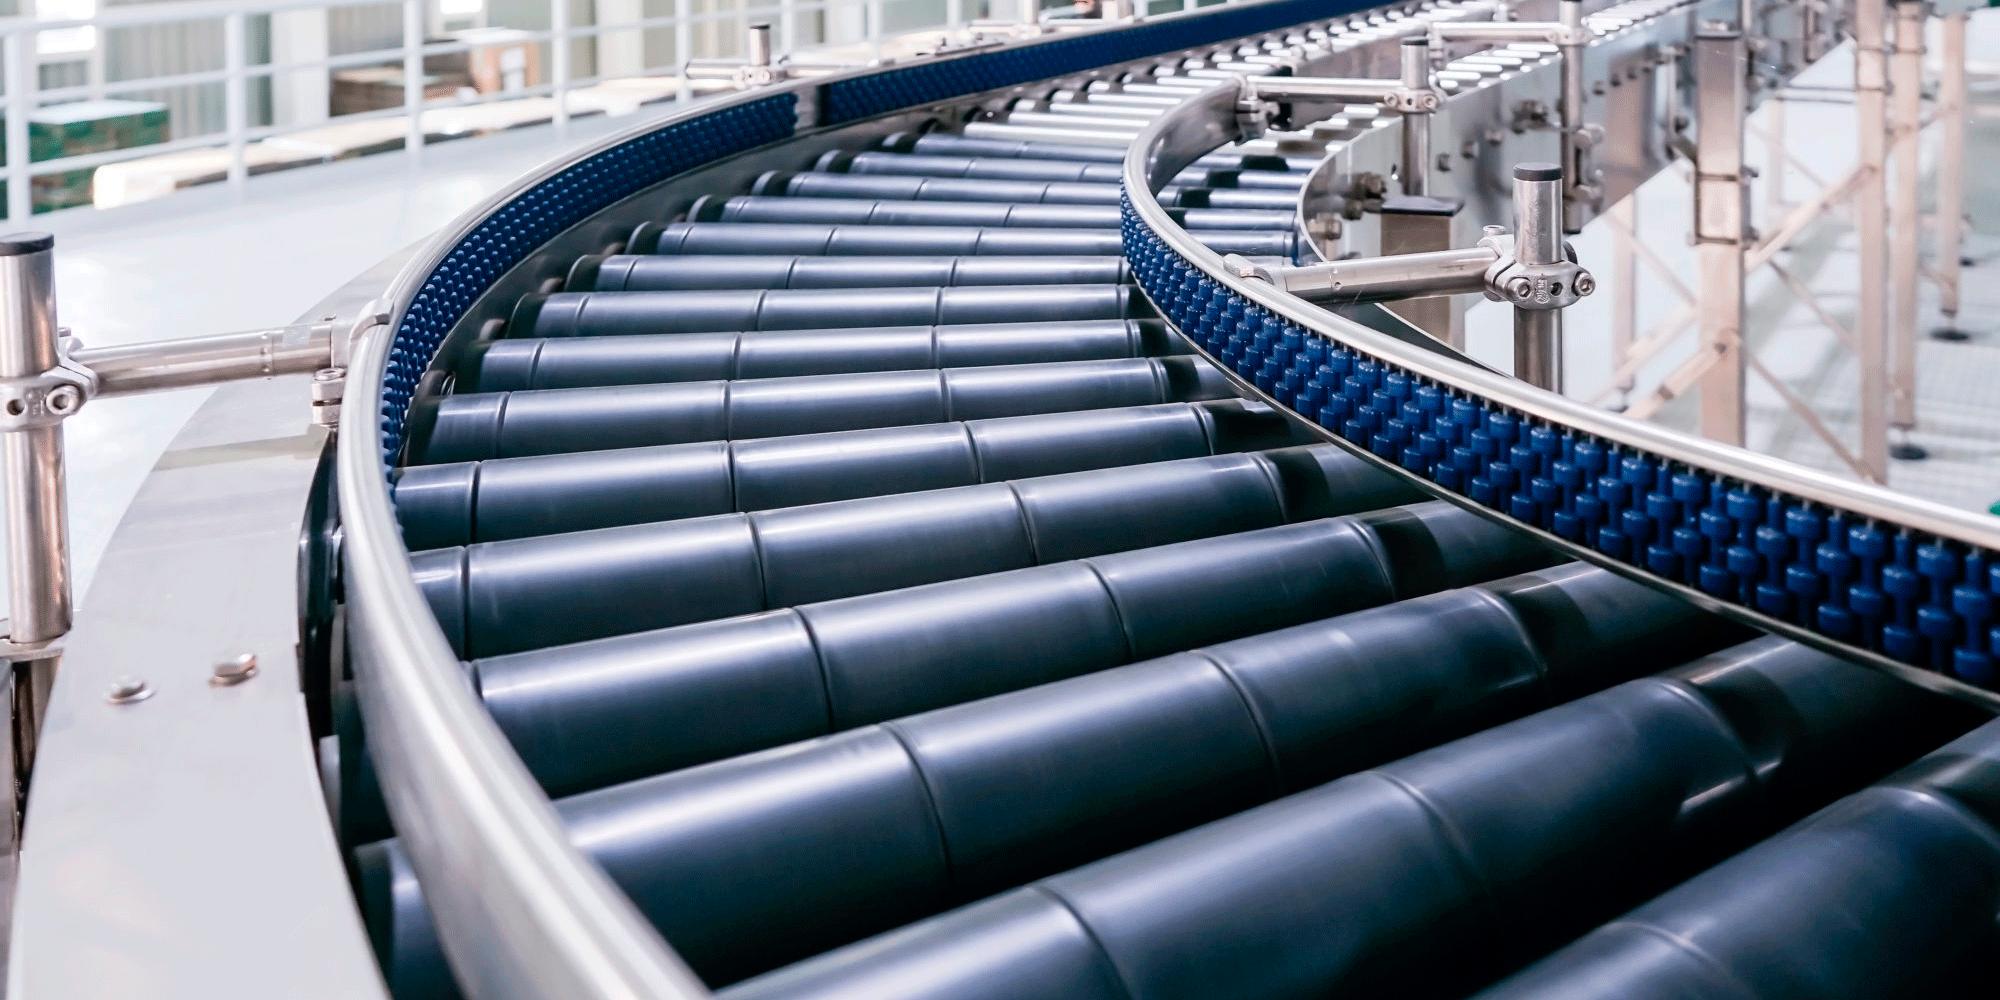 Производство роликовых конвейеров